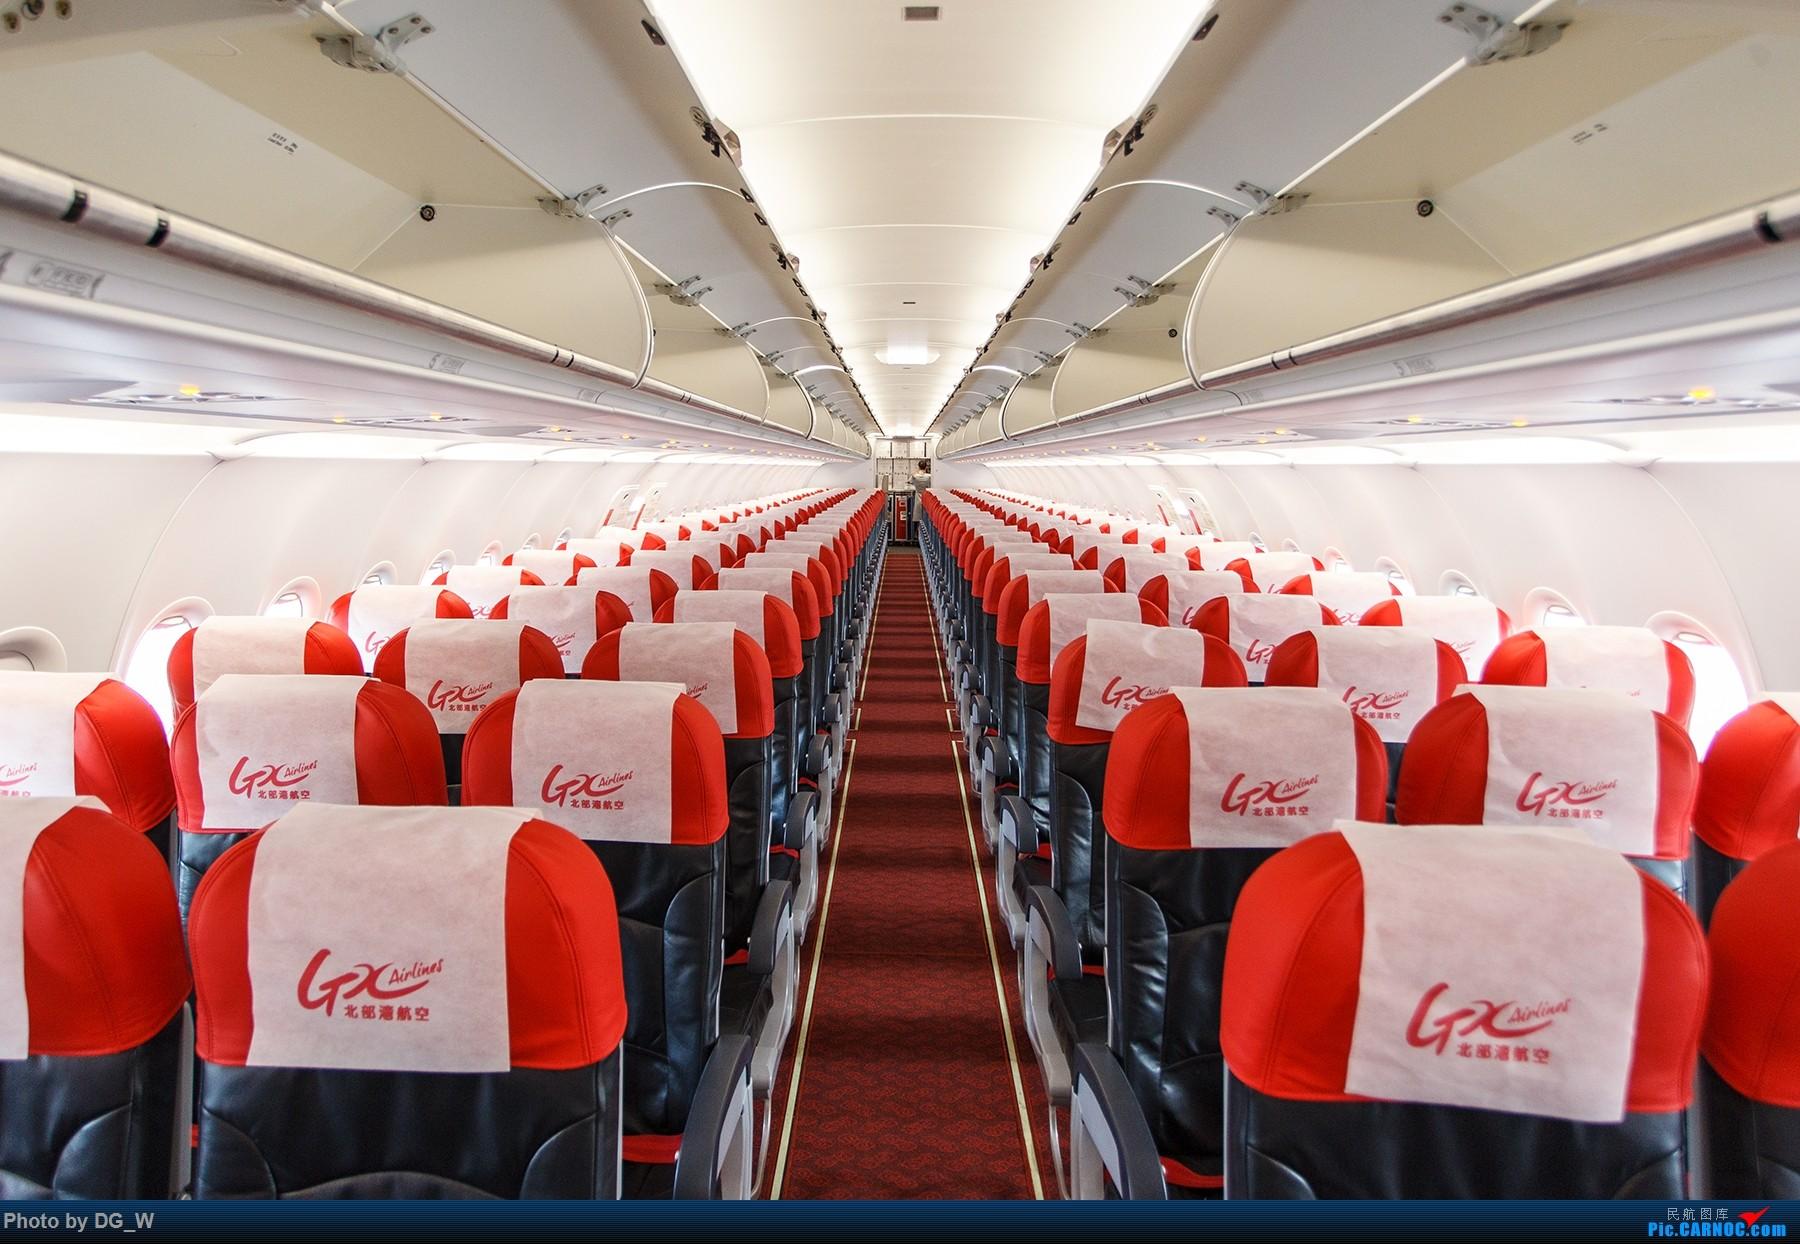 Re:[原创]【南宁飞友】重度拖延症-北部湾航空A320首航拍机 AIRBUS A320-200 B-8655 中国南宁吴圩国际机场